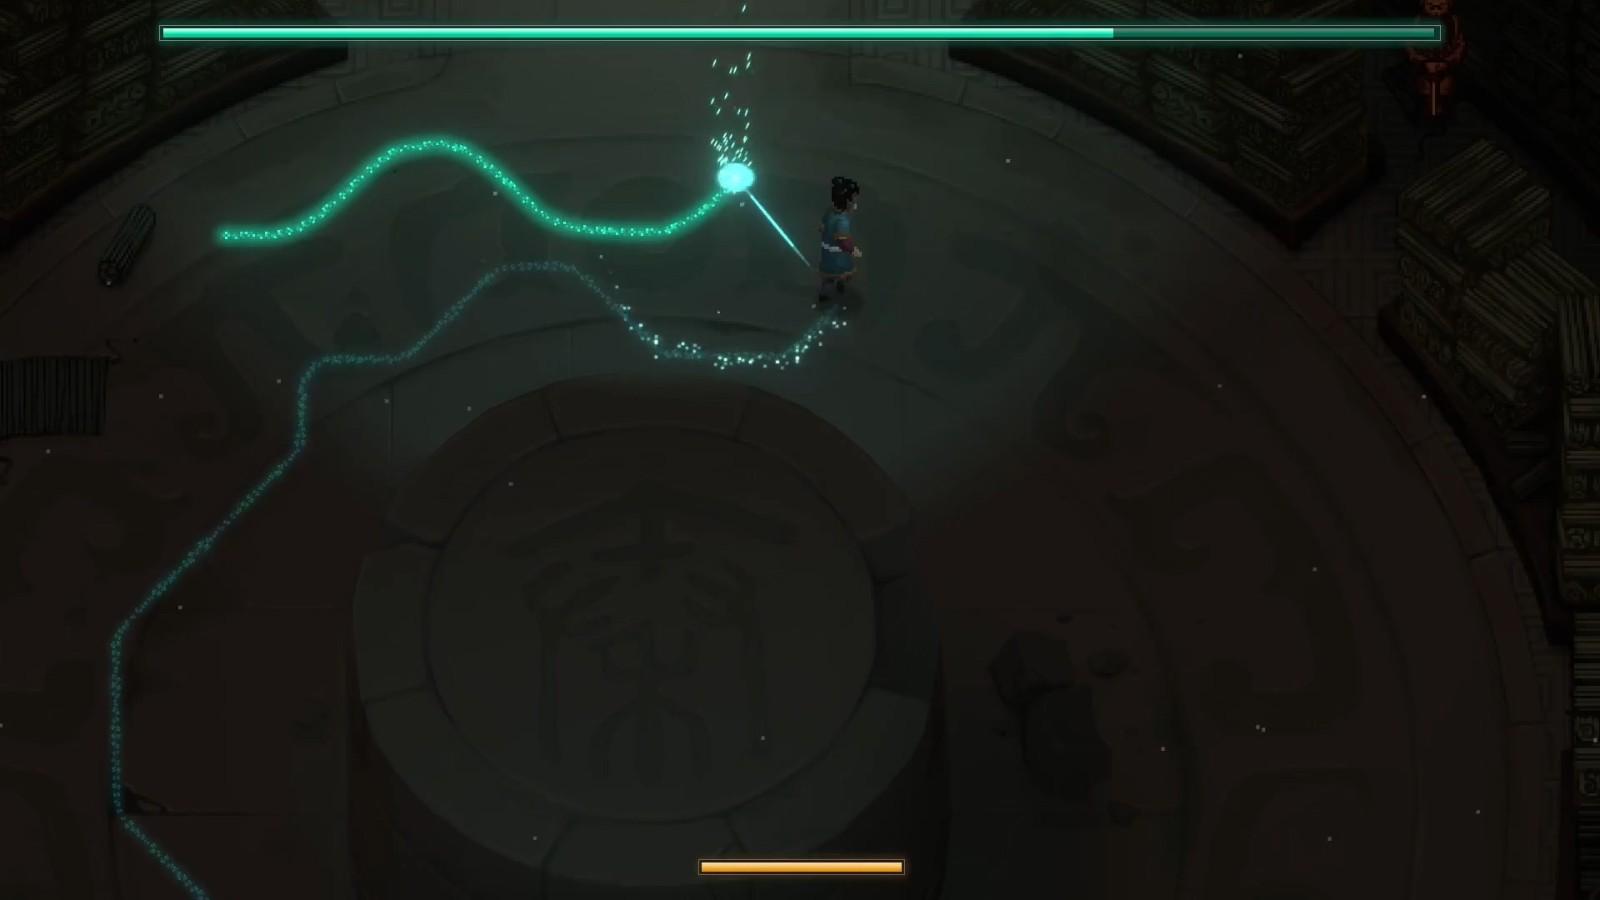 高能电玩节:冒险解谜游戏《兵马俑》宣传片插图1